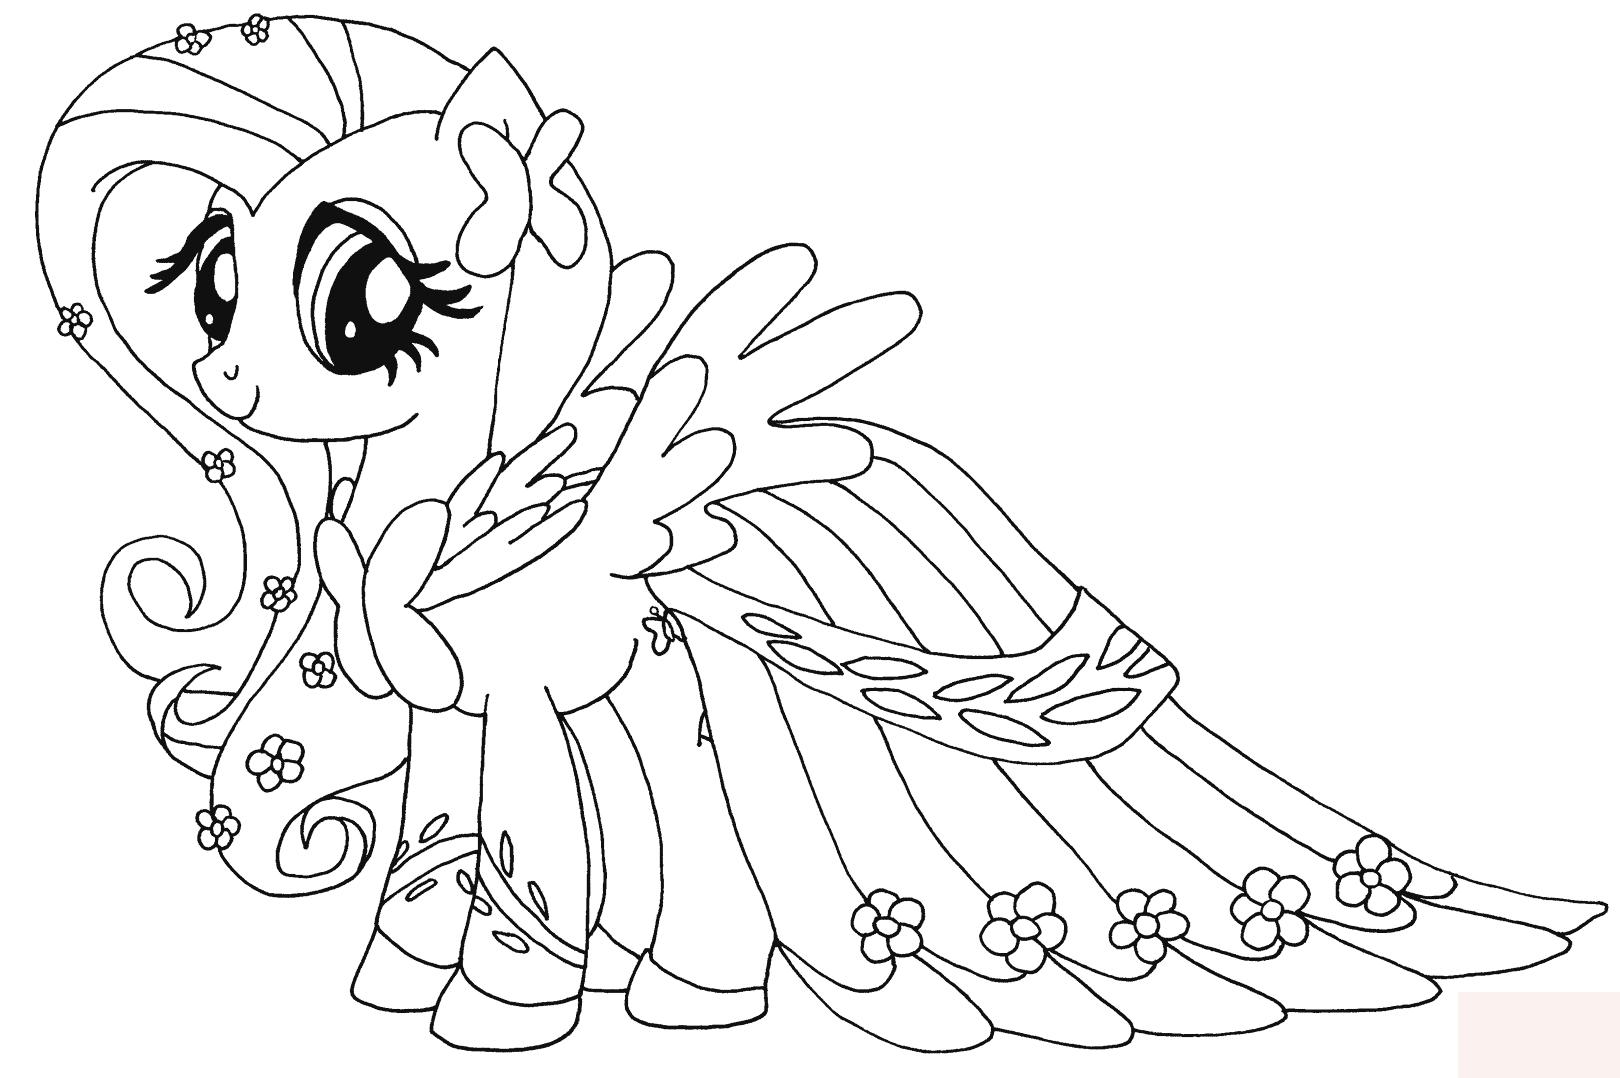 Ausmalbilder My Little Pony - 1Ausmalbilder verwandt mit My Little Pony Malvorlage